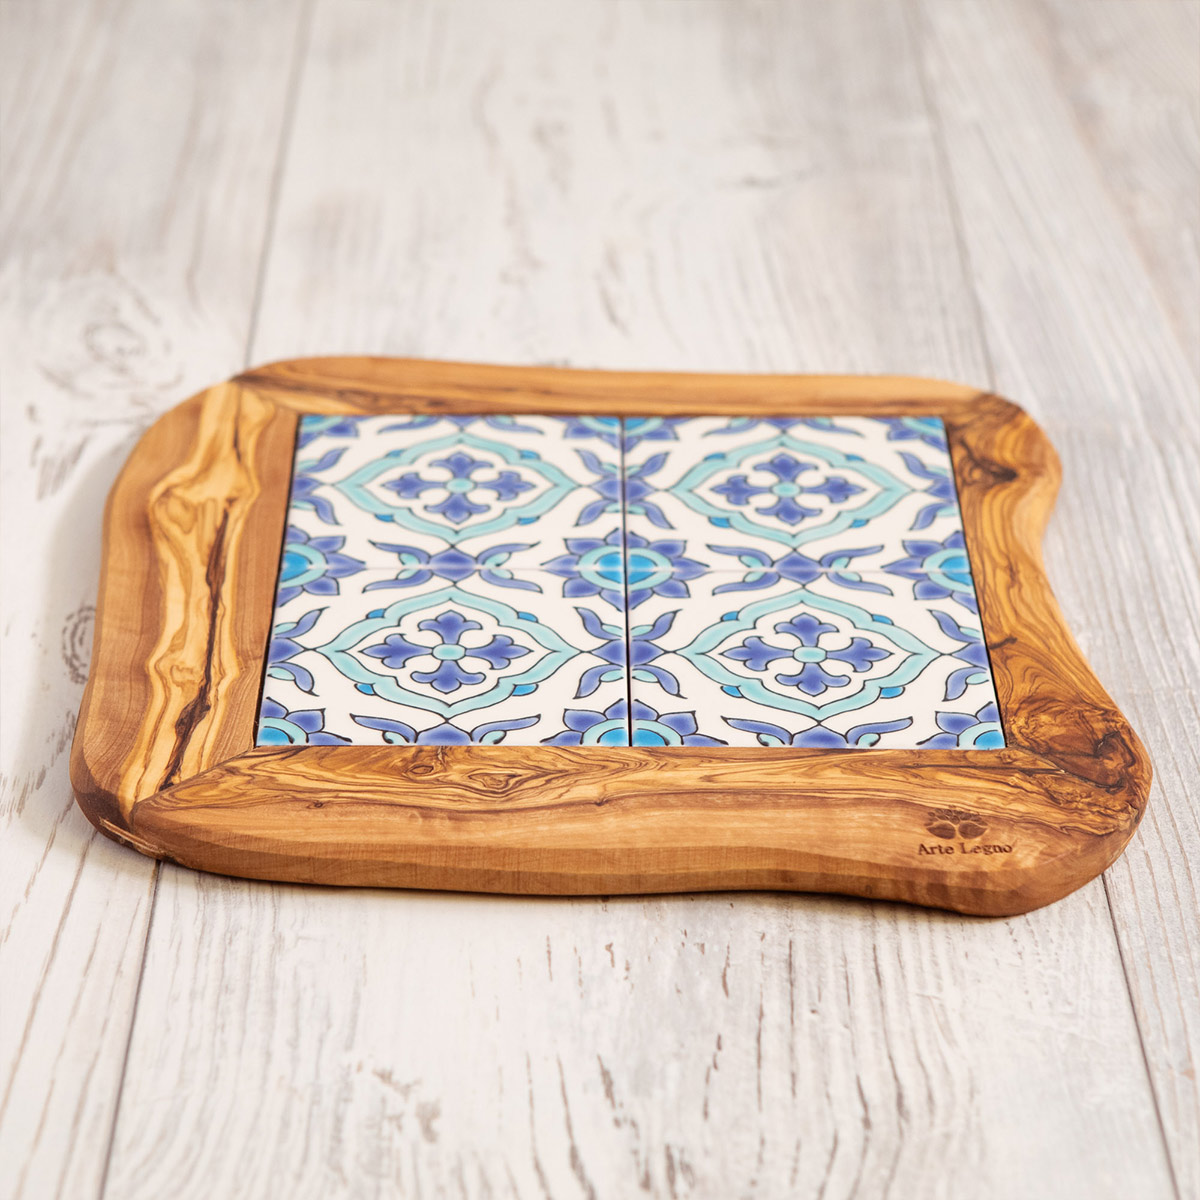 Vassoio 4 mattonelle legno e ceramica - Artelegno